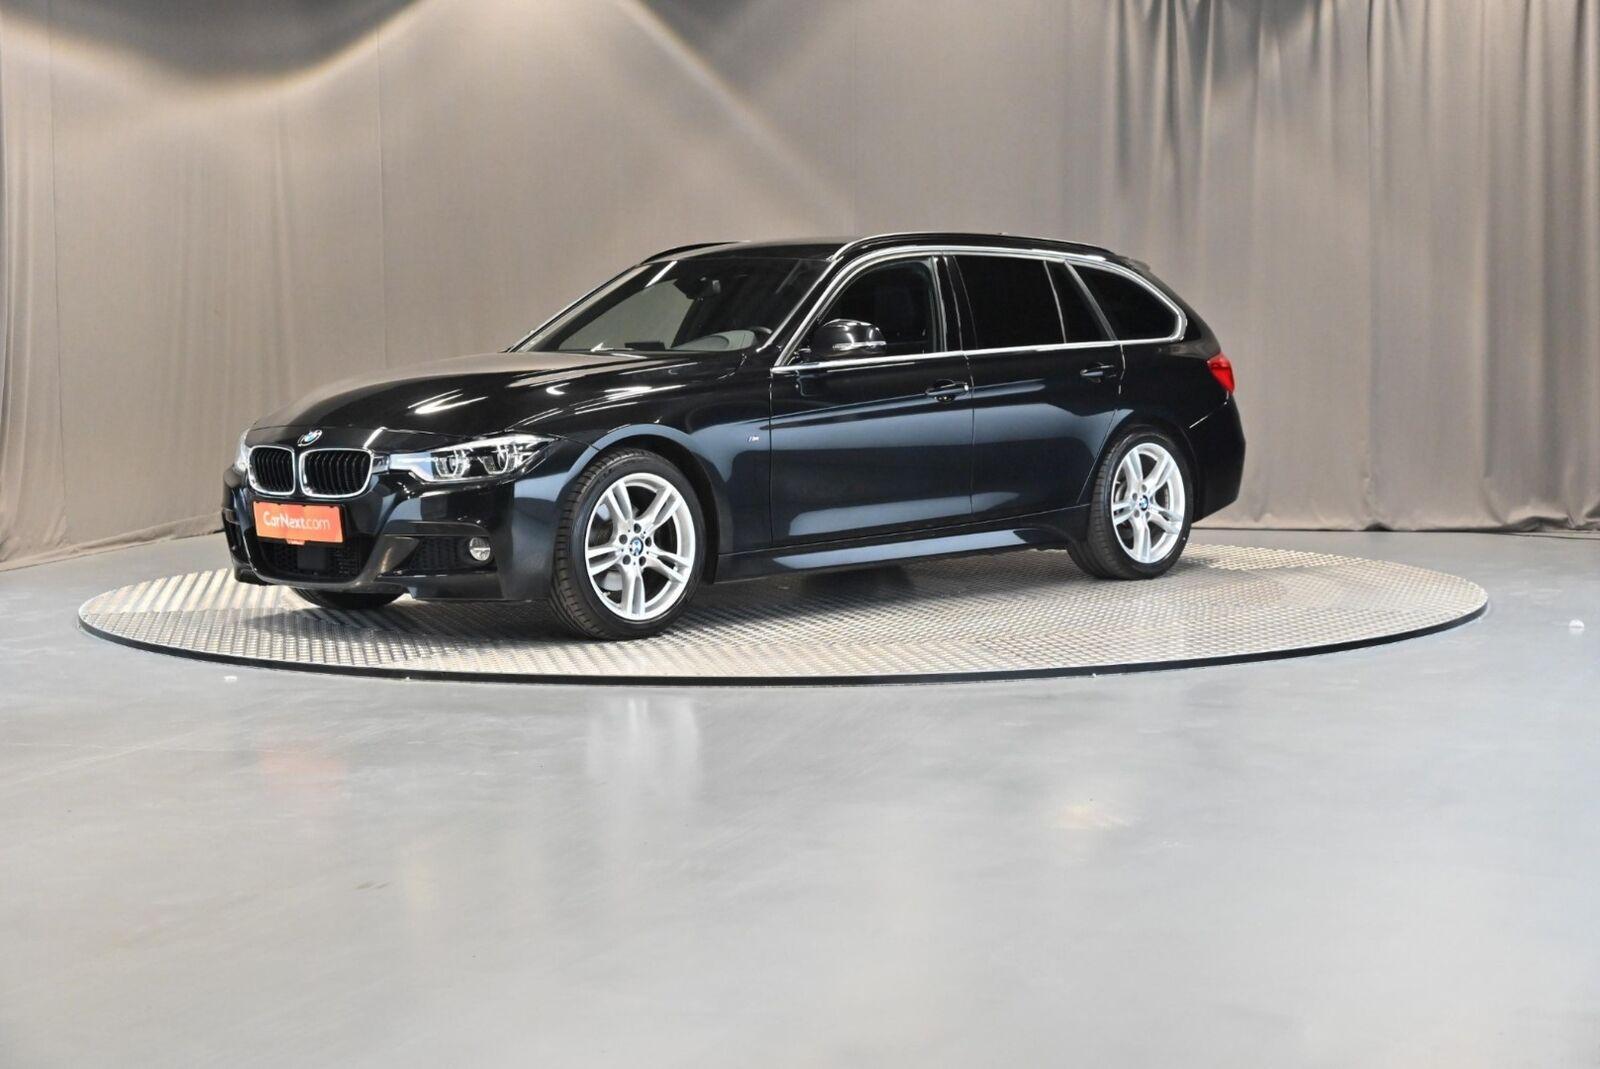 BMW 320d 2,0 Touring M-Sport aut. 5d - 299.900 kr.